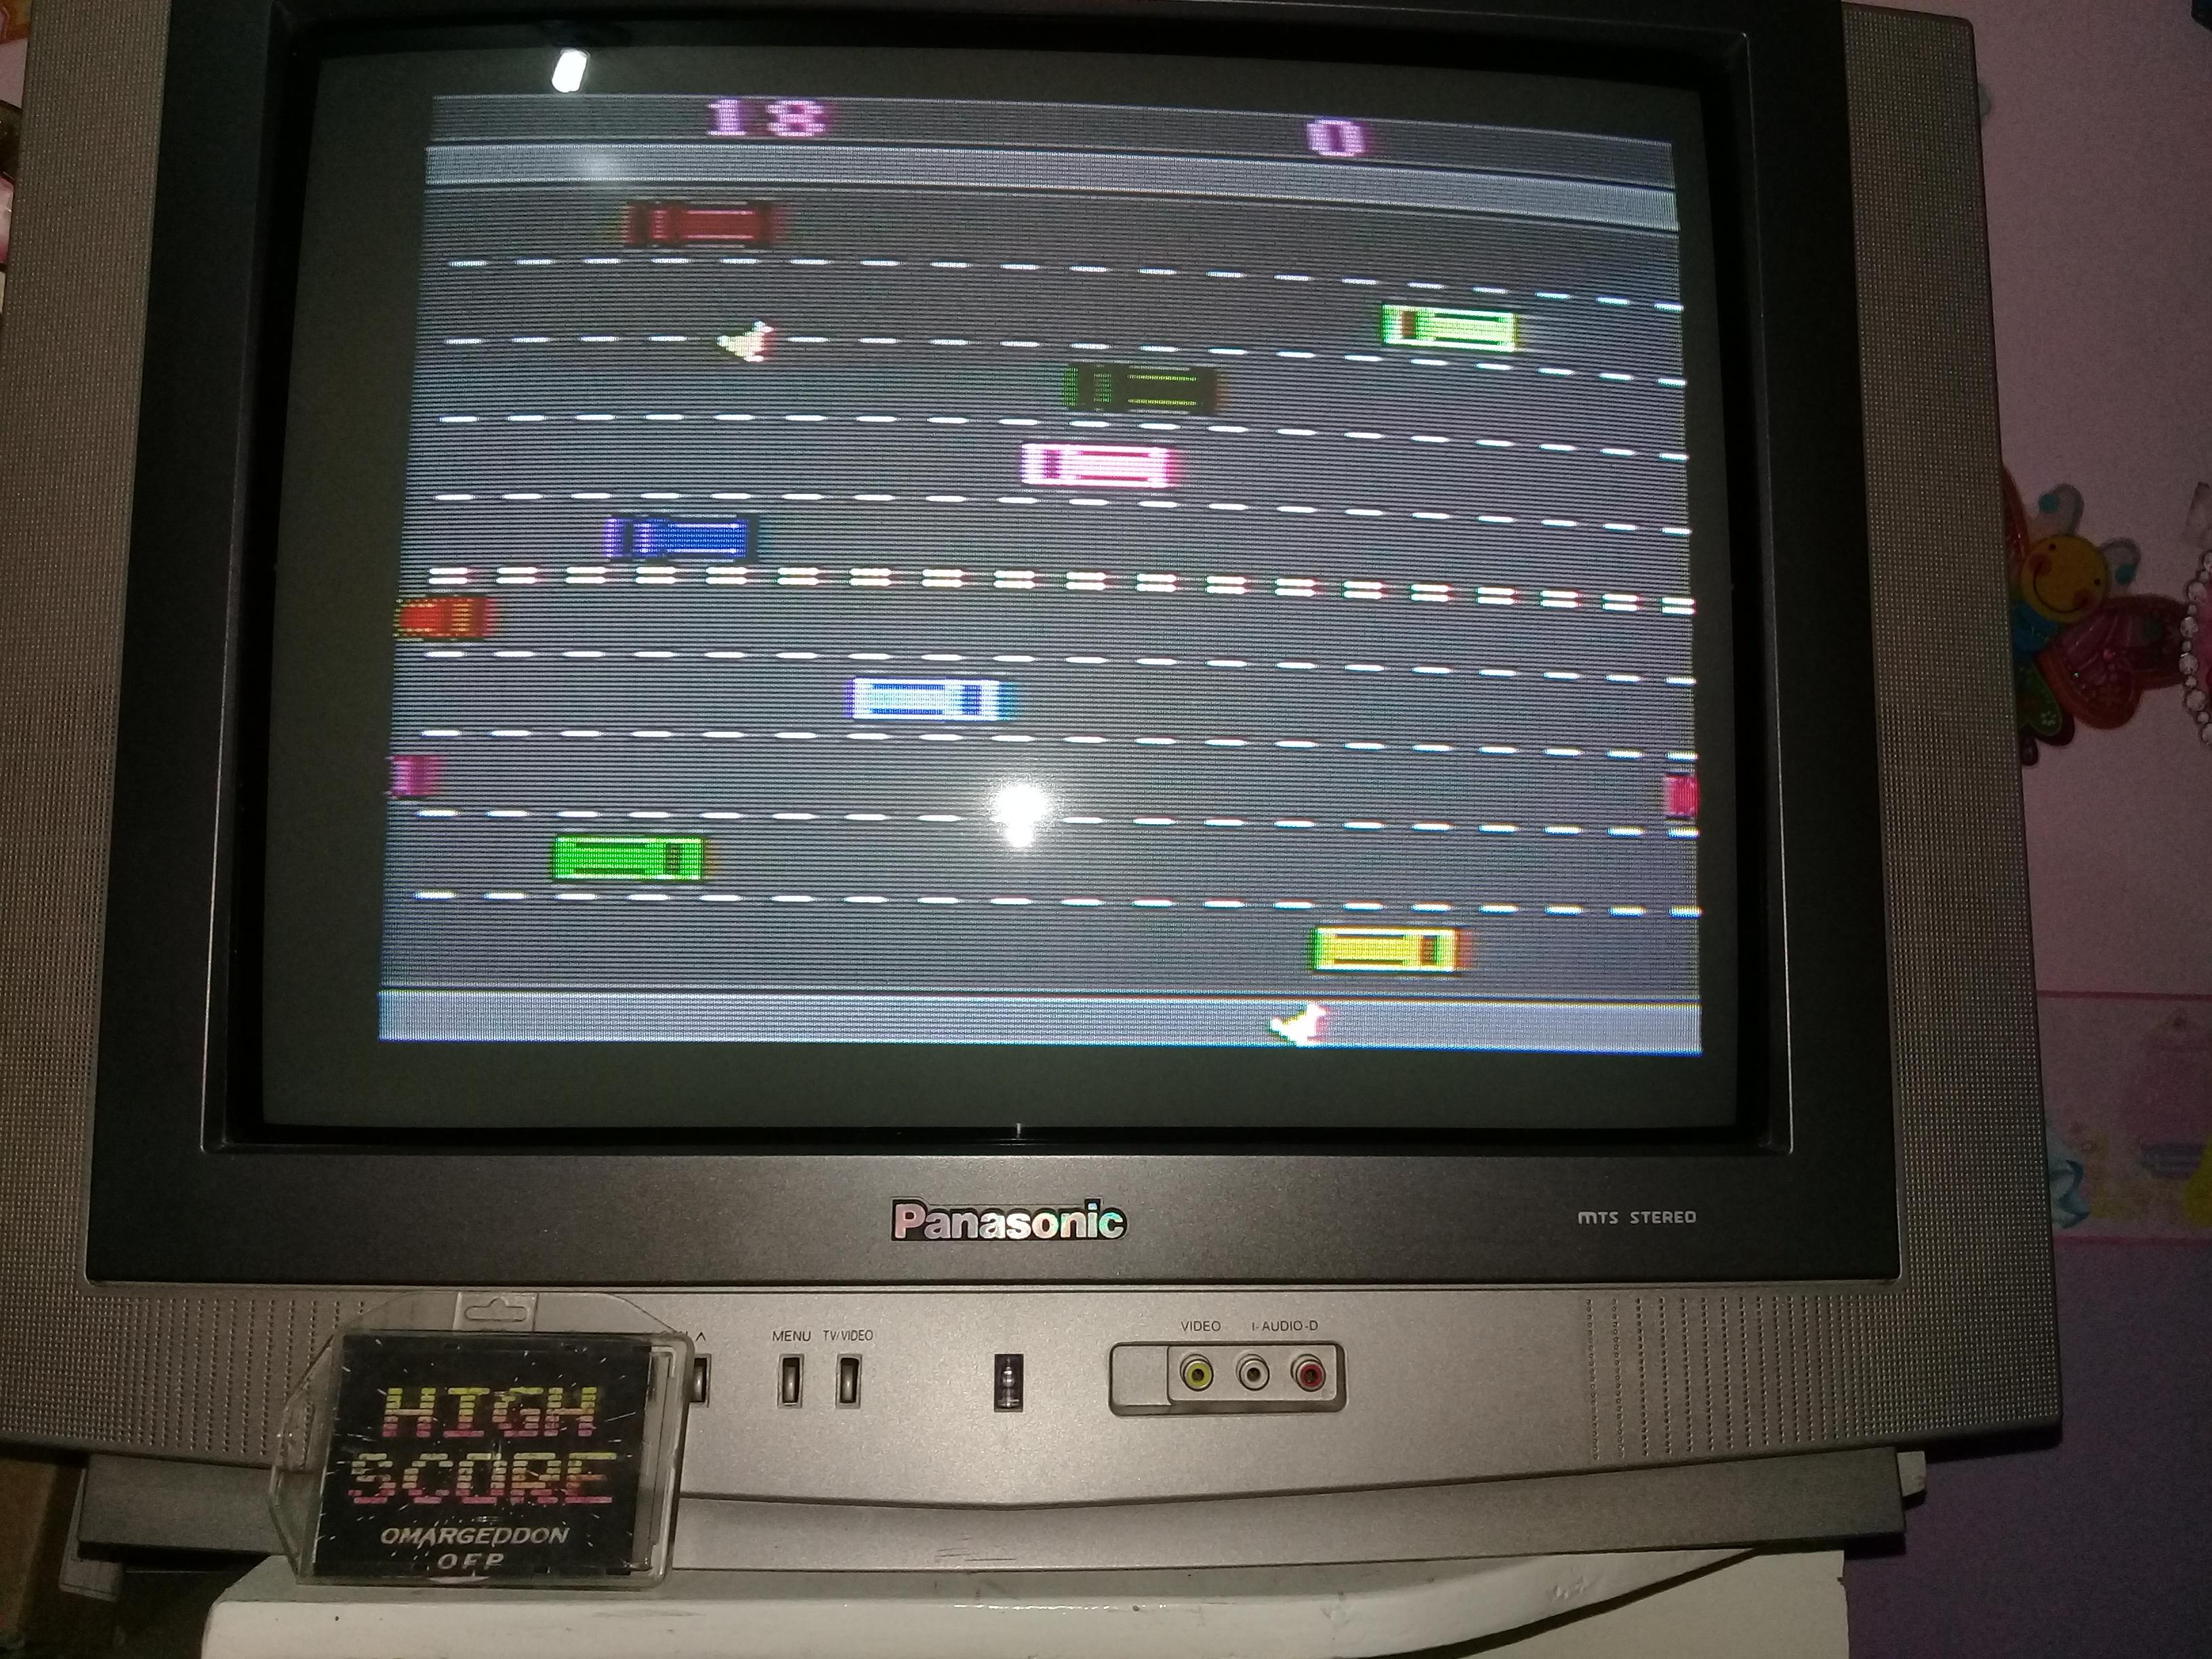 omargeddon: Freeway: Game 8 (Atari 2600 Novice/B) 18 points on 2019-03-20 19:43:09